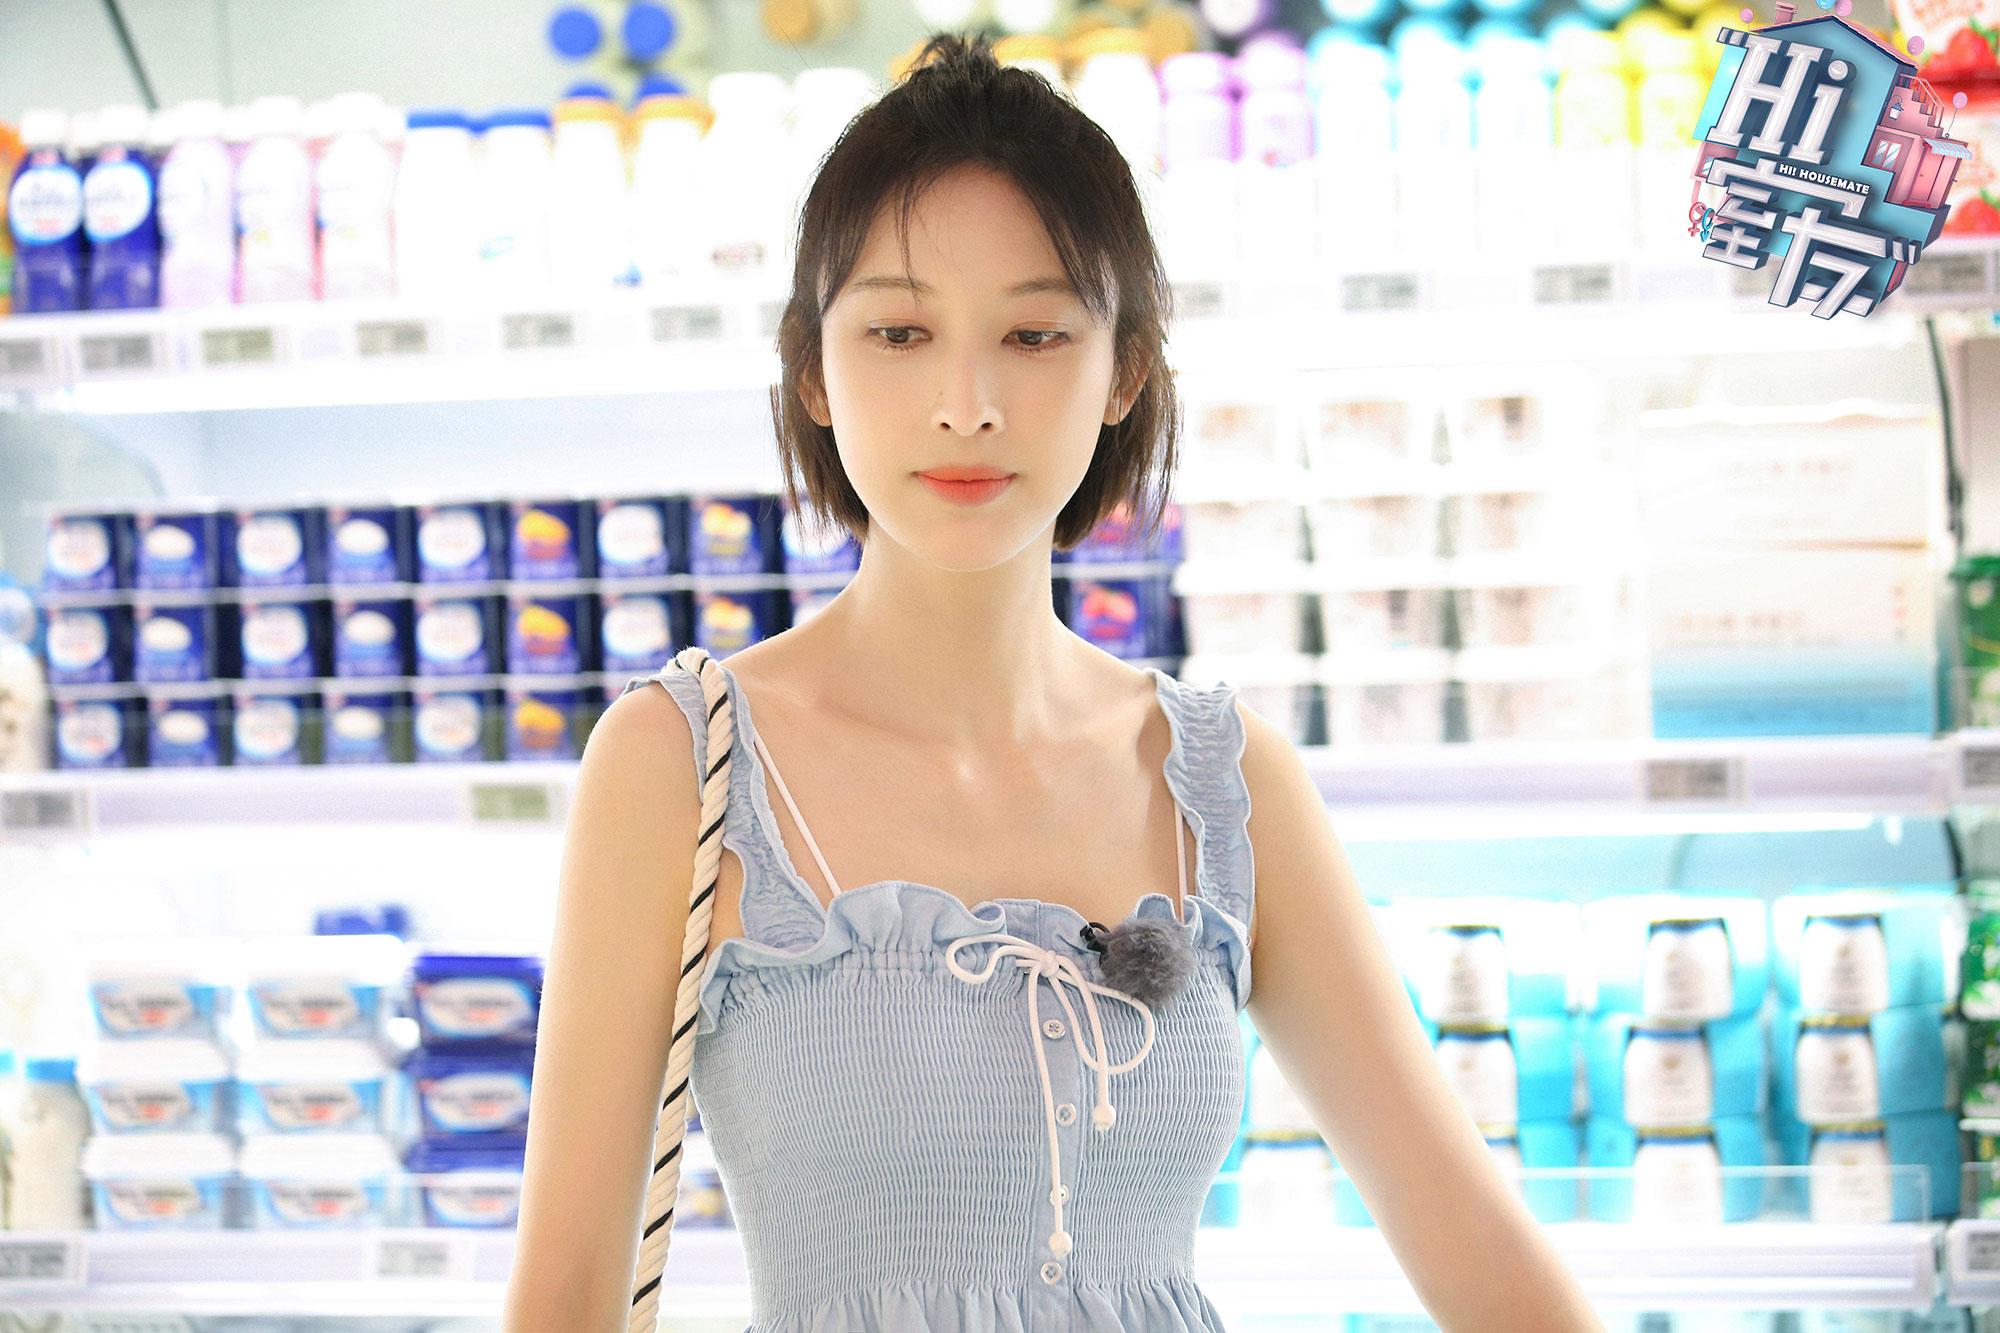 《Hi室友》陈立农遗憾离开 王彦霖惊喜回归_娱乐频道_亚博